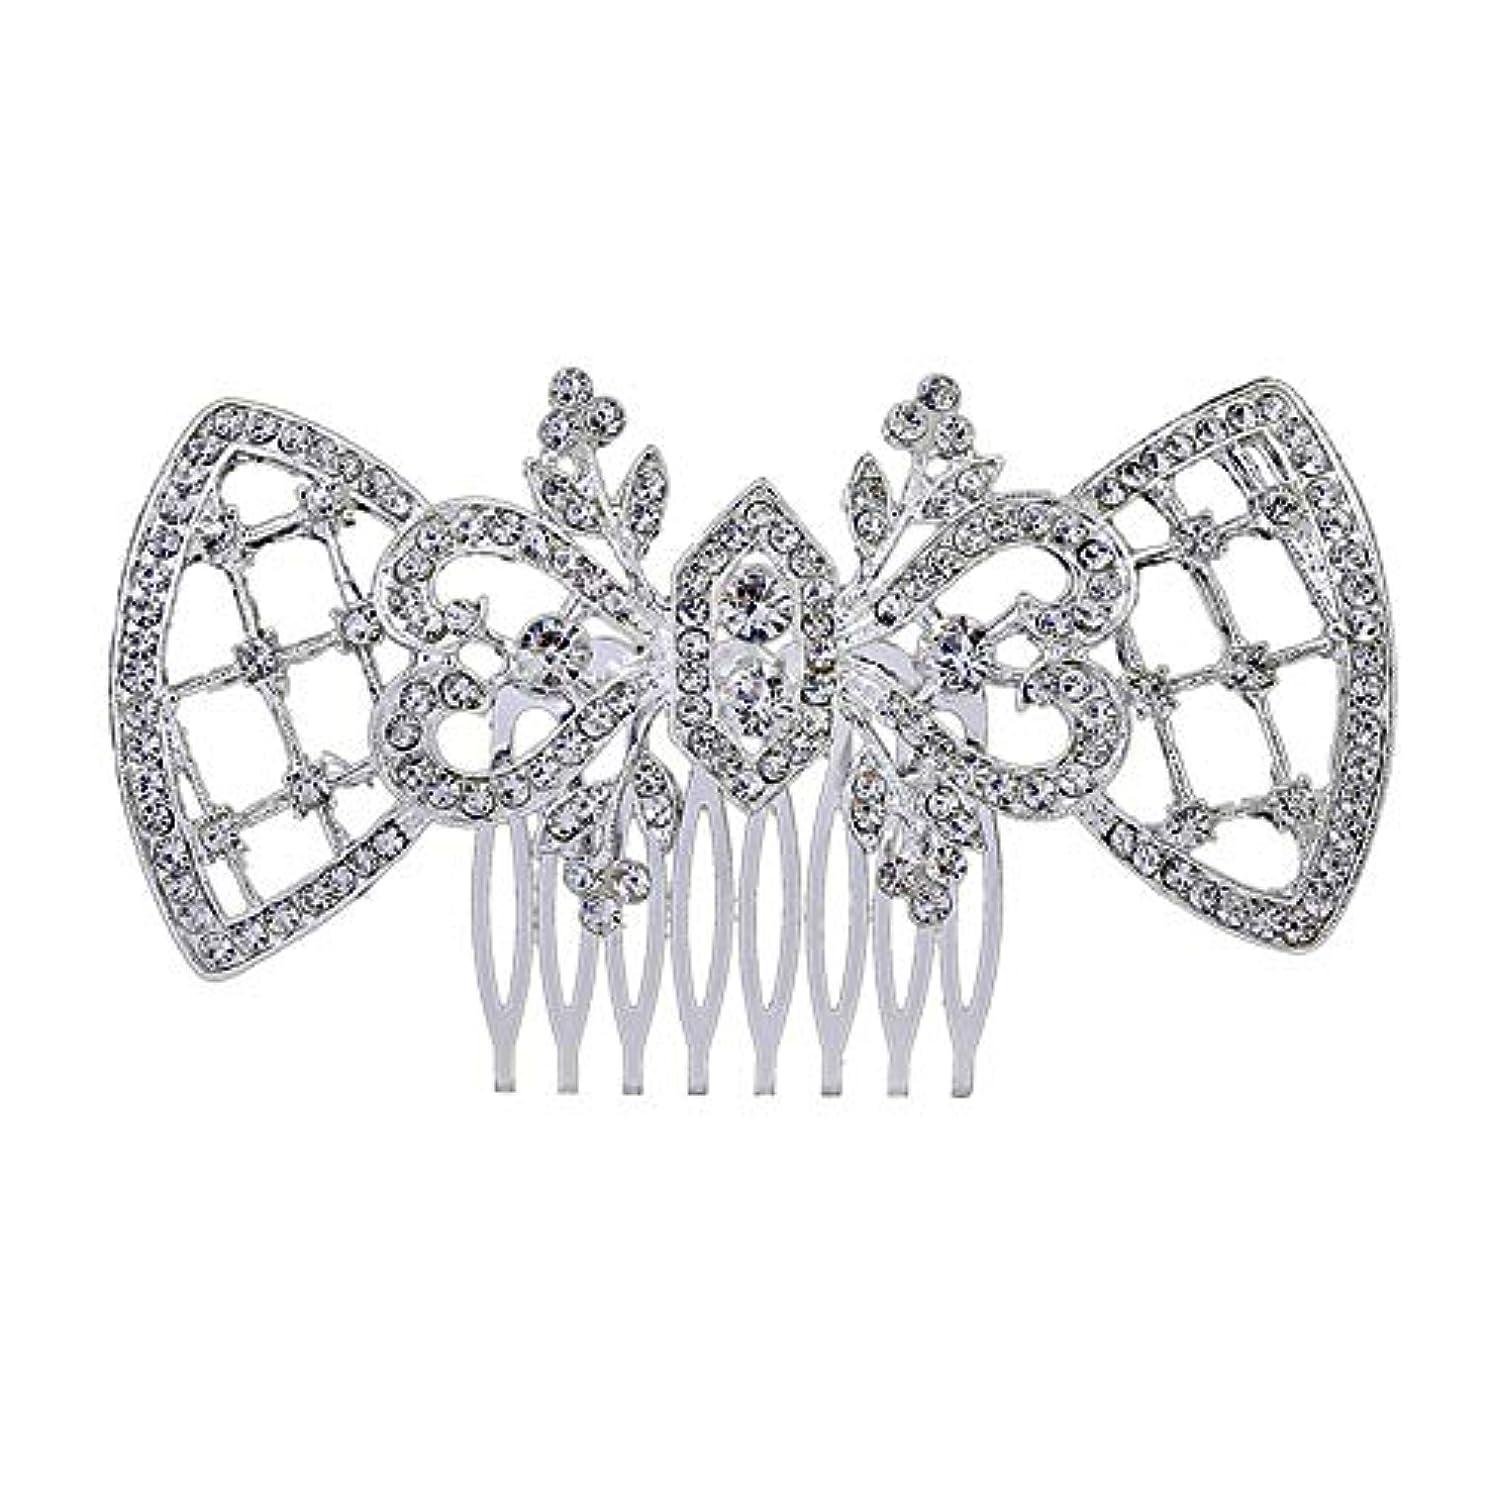 相互接続米ドル合理的髪の櫛、櫛、ブライダル髪、髪の櫛、ハート形、ラインストーンの櫛、合金の帽子、結婚式のアクセサリー